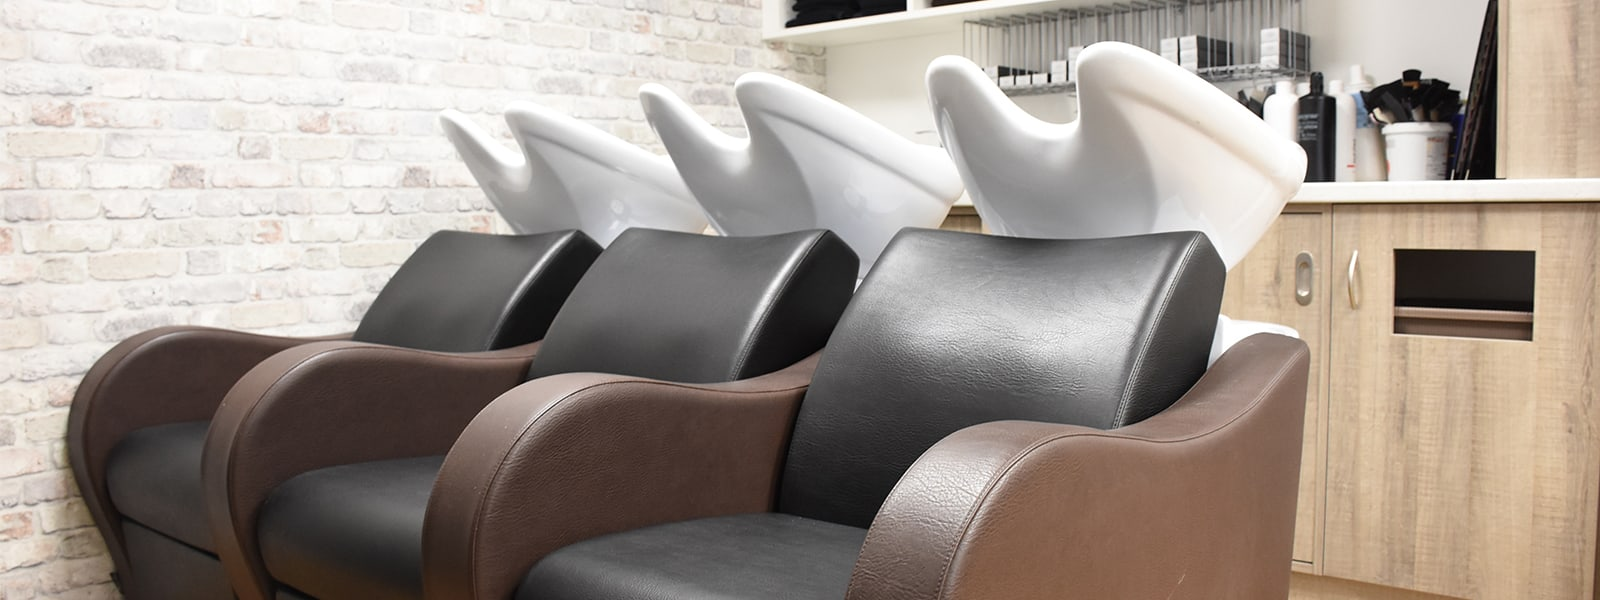 Bac de coiffure - Salon de Coiffure à Sarrebourg - Coiffure à l'Image